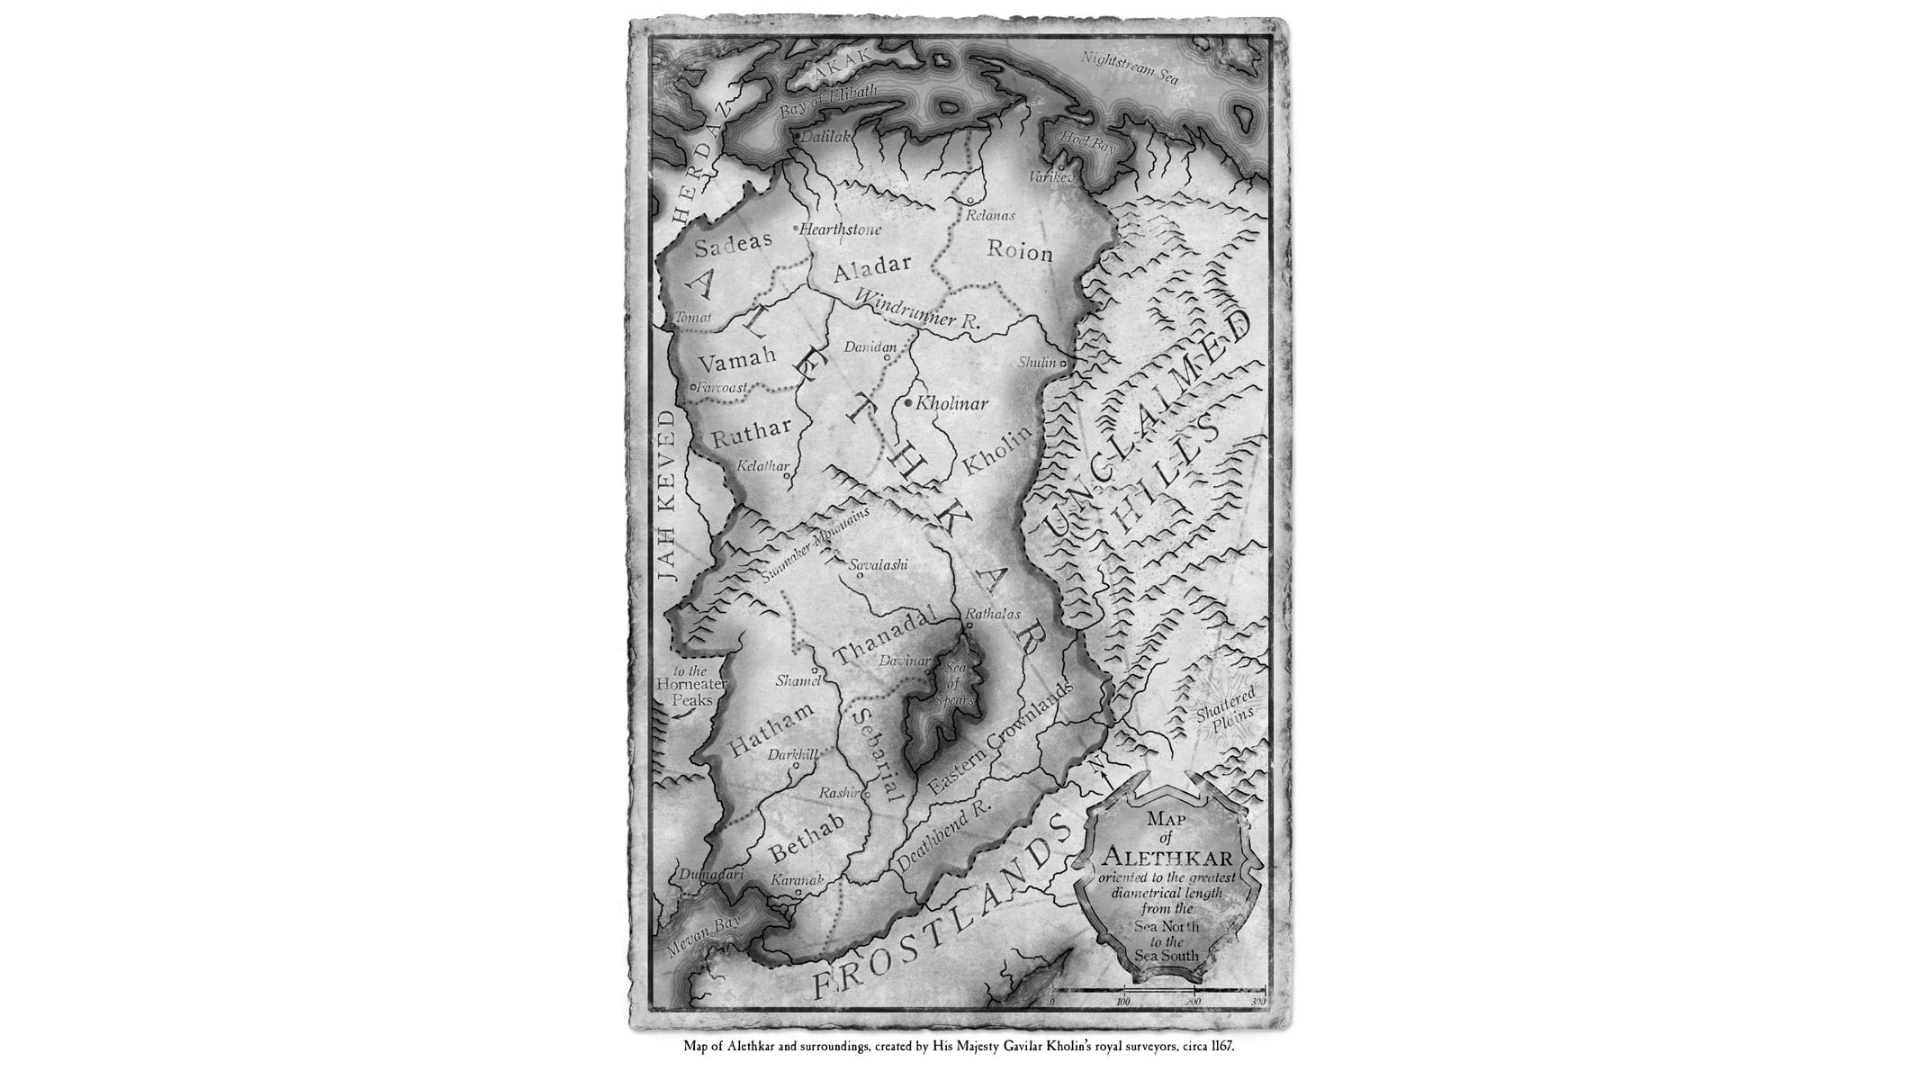 Map of Alethkar